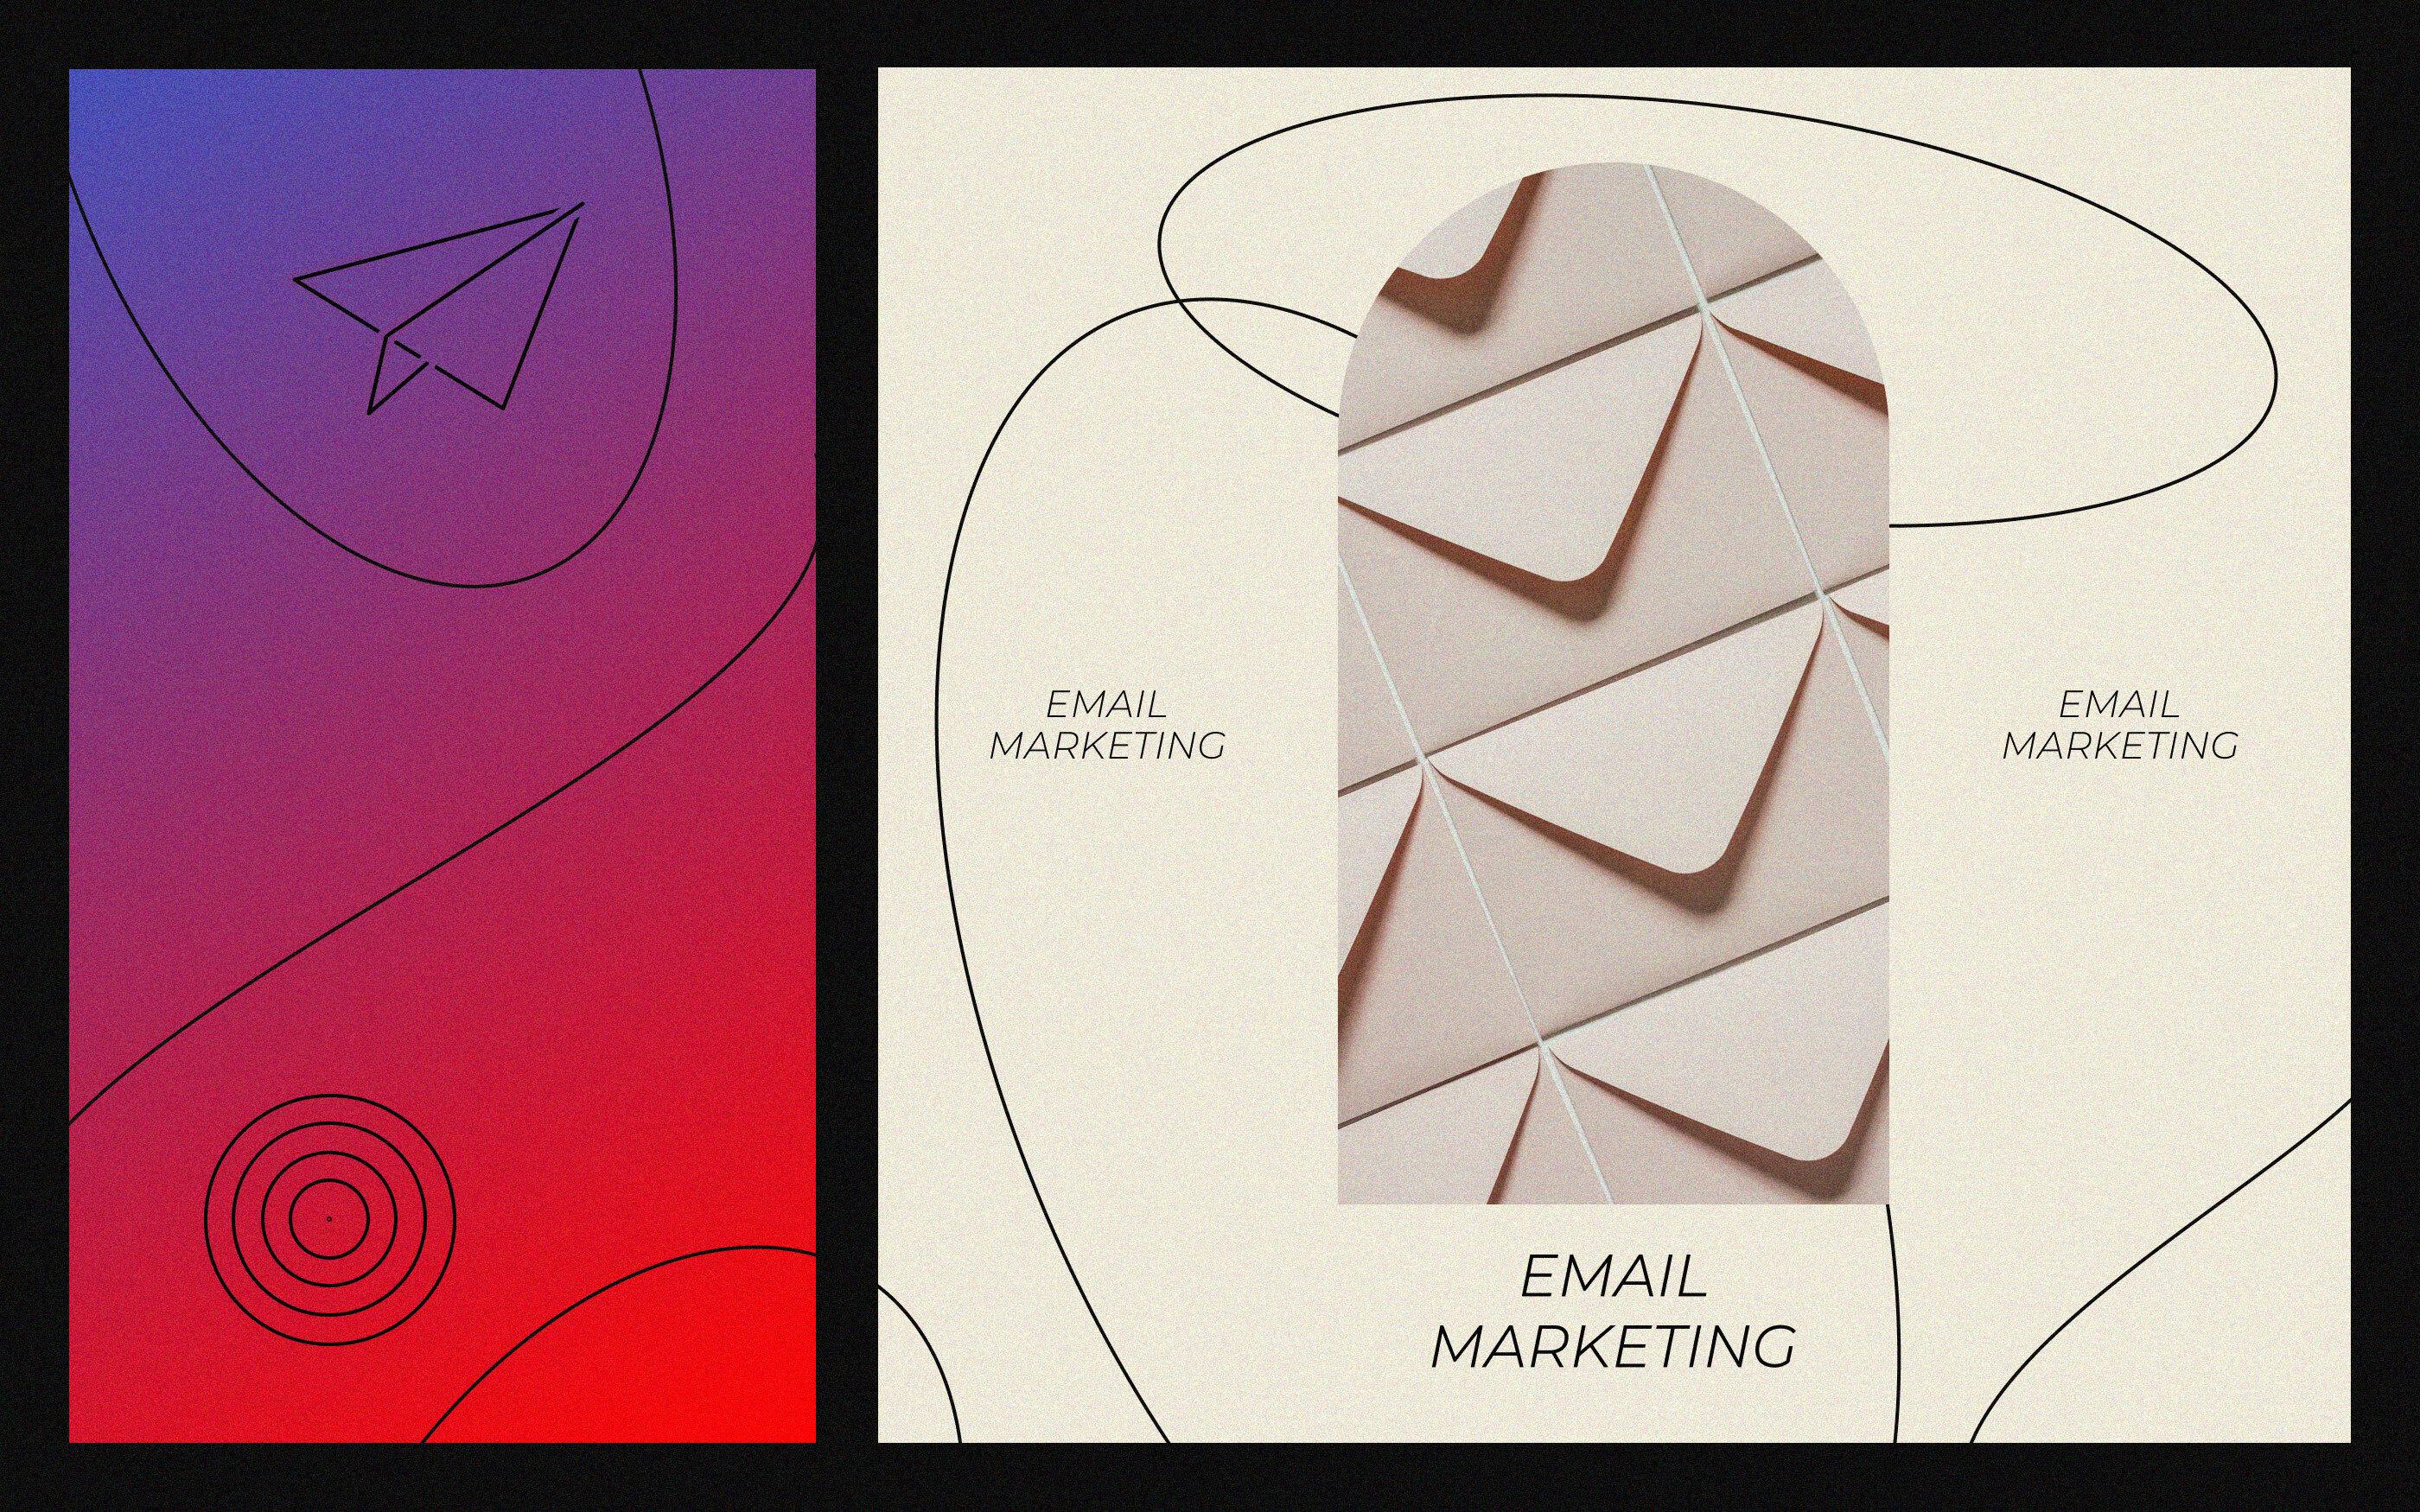 Ավտոմատացված էլեկտրոնային նամակների արդյունավետությունը մարքեթինգում